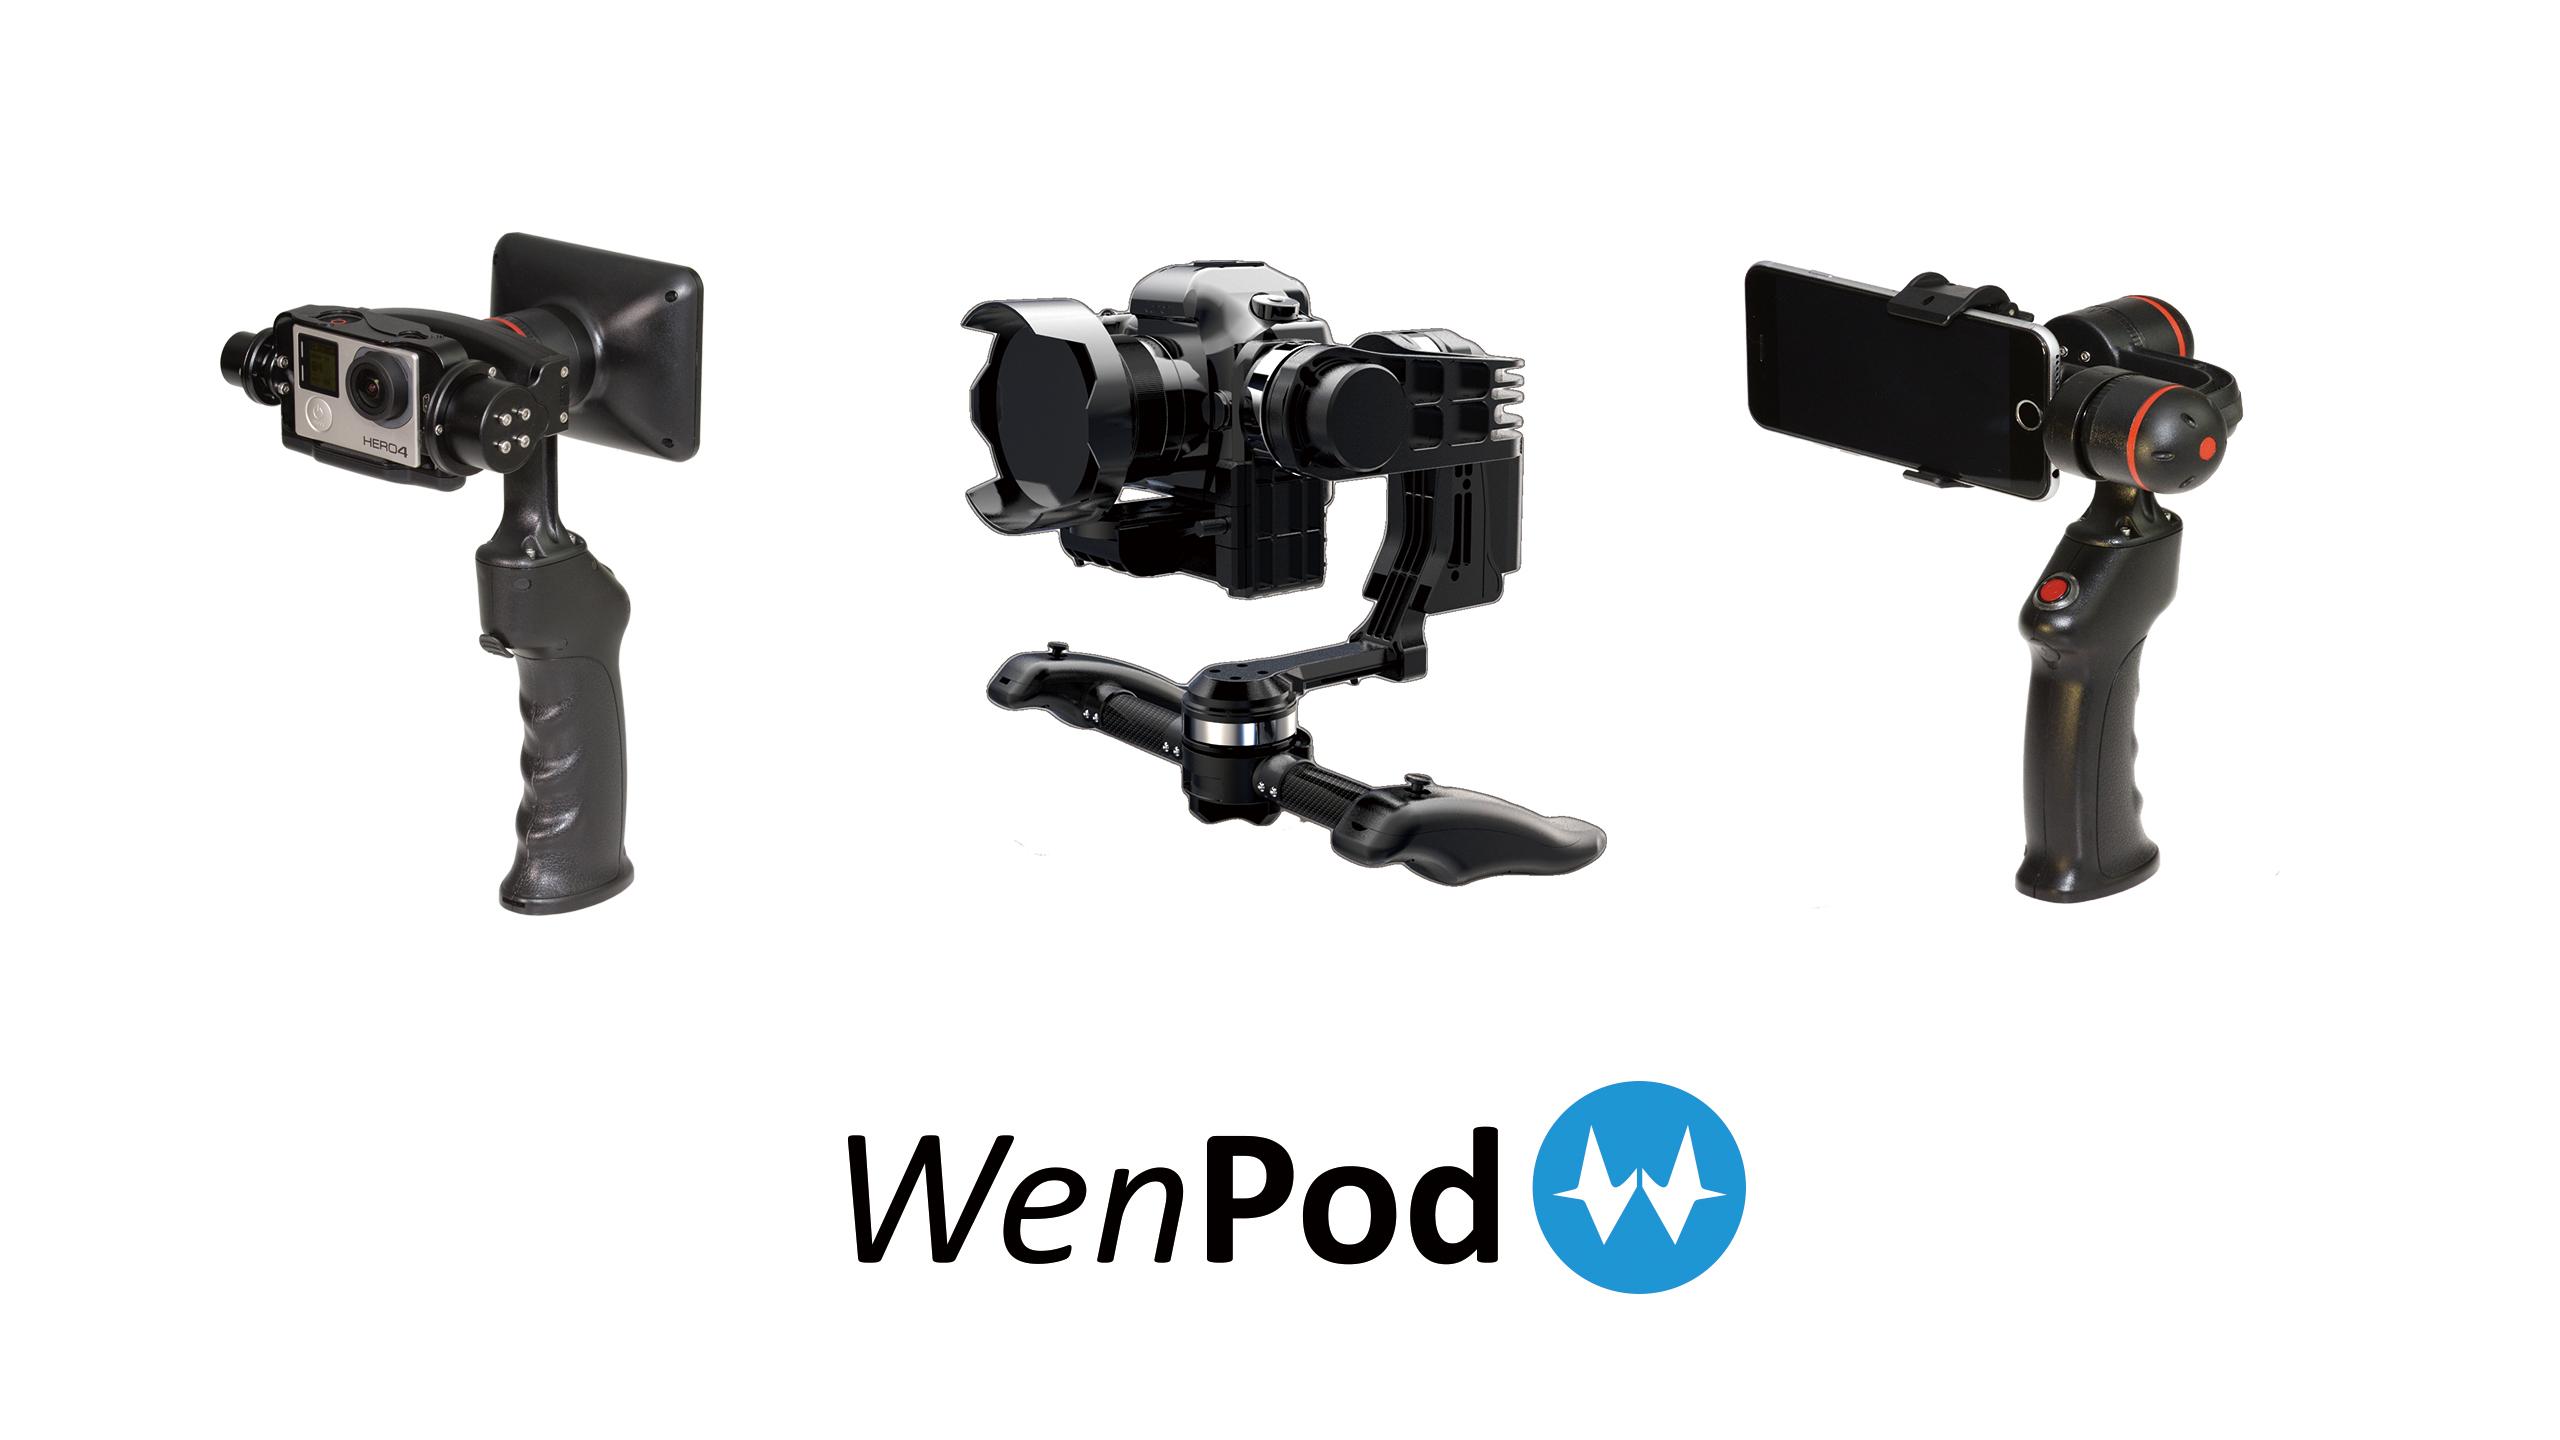 WENPOD